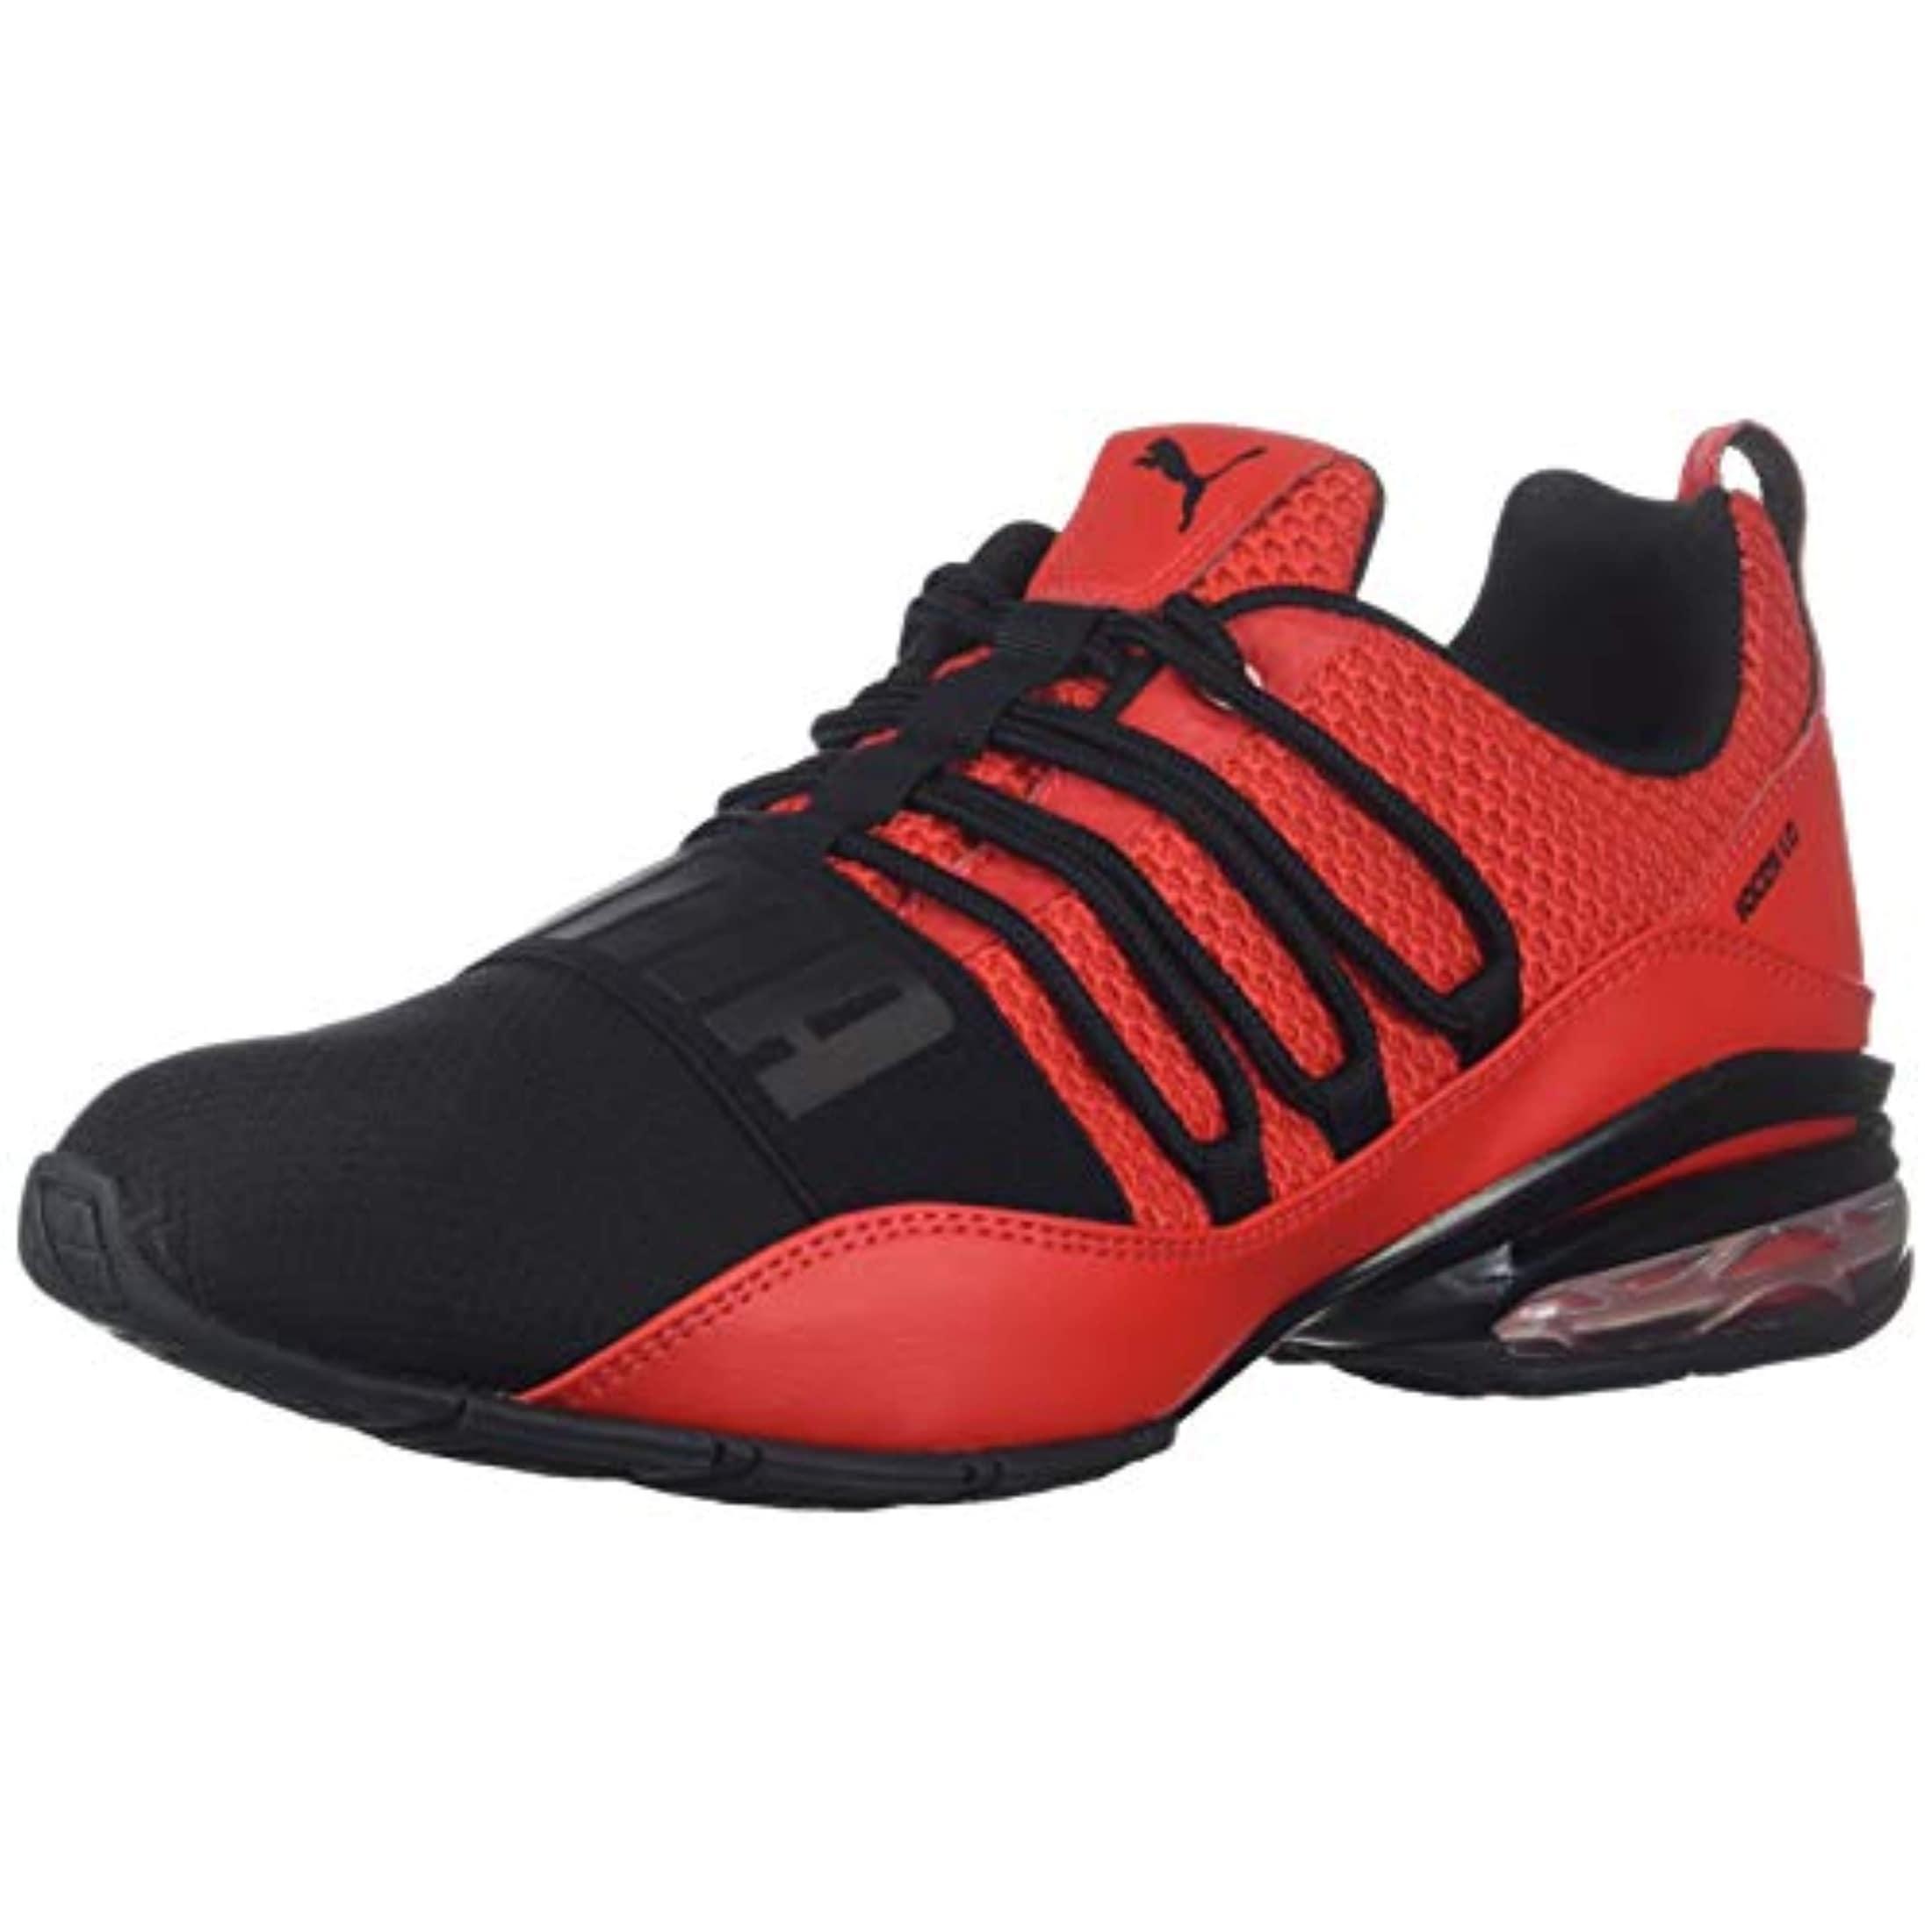 Shop Puma Men's Cell Regulate Sneaker